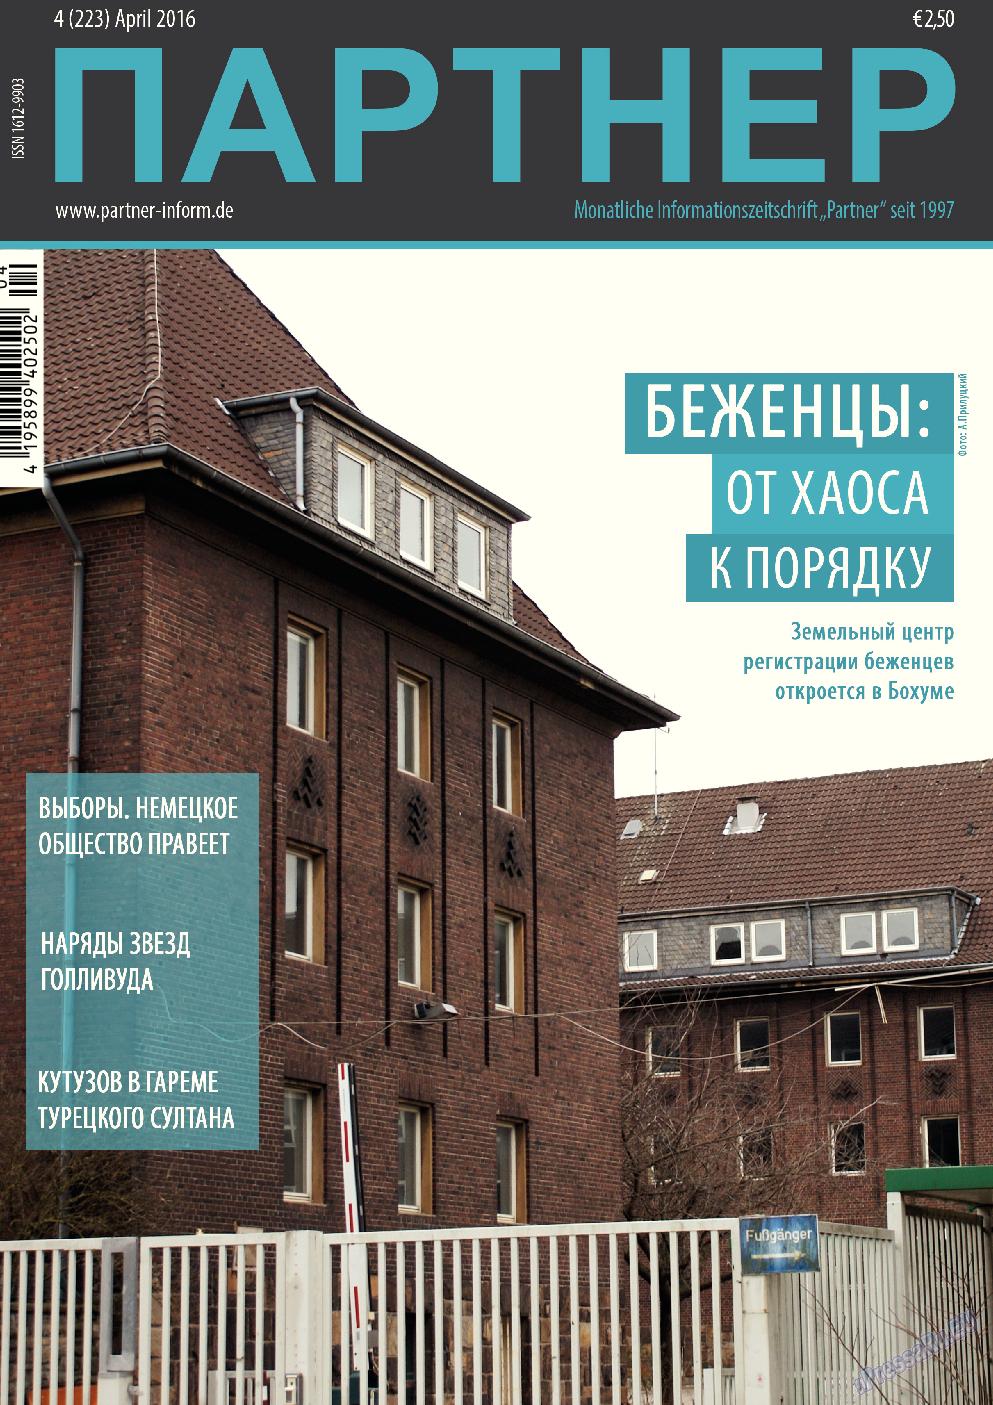 Партнер (журнал). 2016 год, номер 4, стр. 1